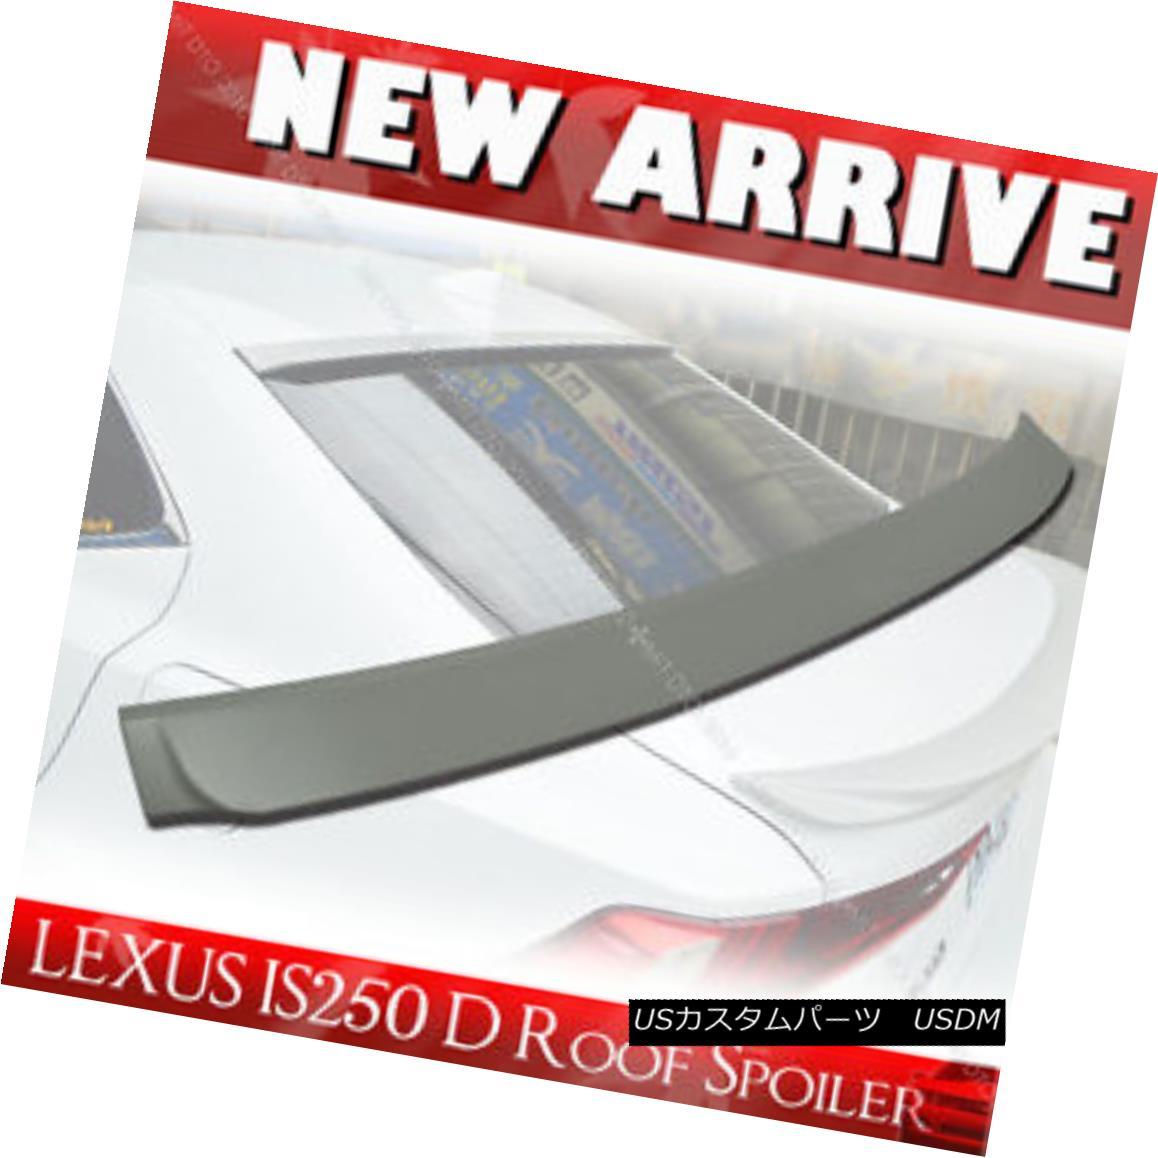 エアロパーツ SHIP FROM LA- For Lexus IS250 IS350 Unpaint IS F D Type Roof Spoiler Sport Sedan Lexus IS250 IS350 Unpaint IS F Dタイプルーフスポイラースポーツセダン